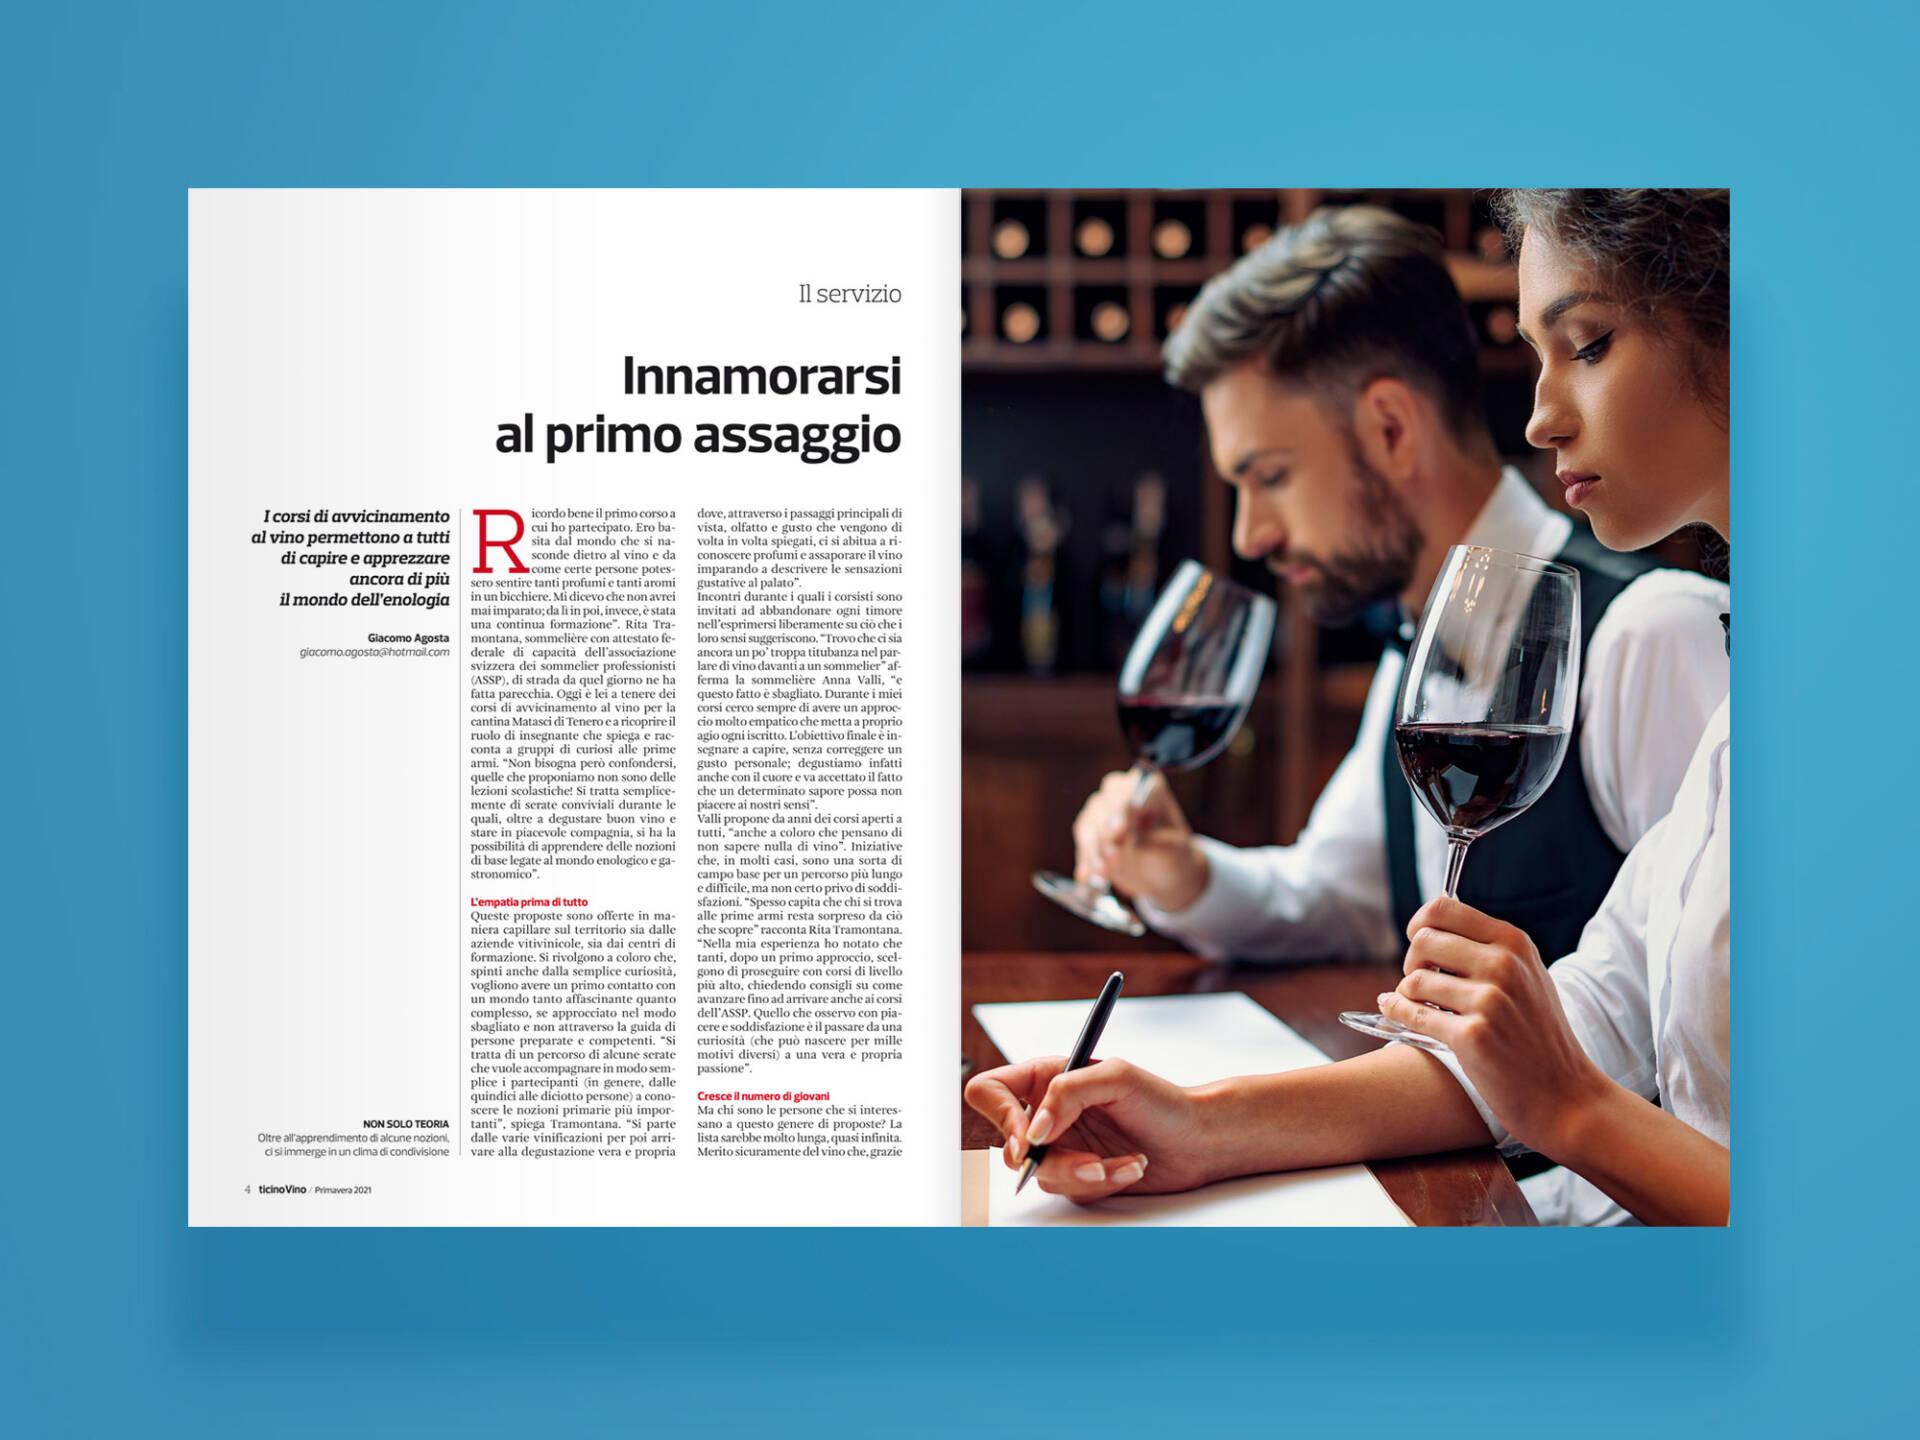 TicinoVino-Wein-Wenceslau-News-Design-02